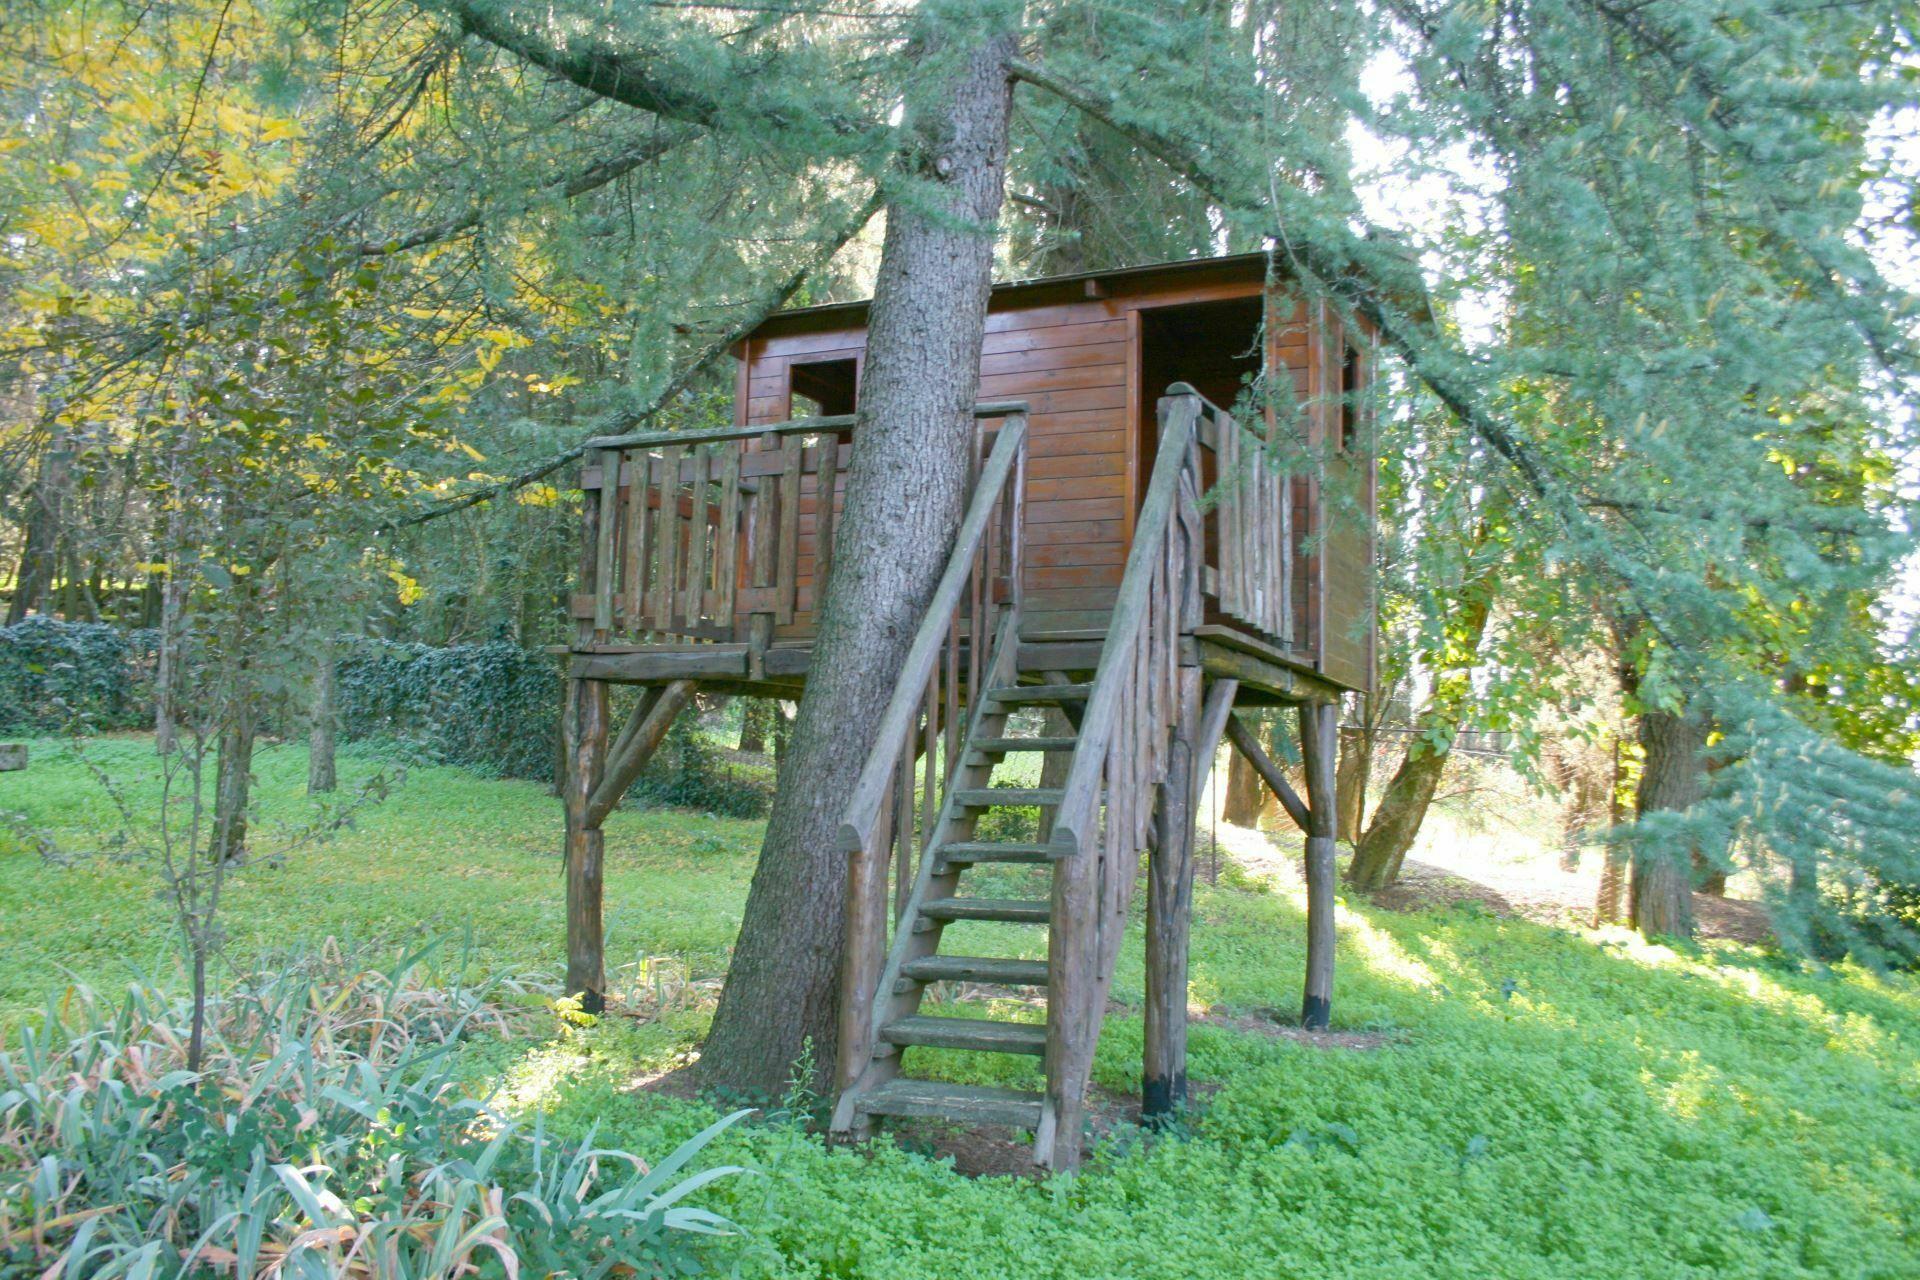 Olivo casa vacanze con 6 posti letto in 4 camere for Branson cabin rentals 4 camere da letto